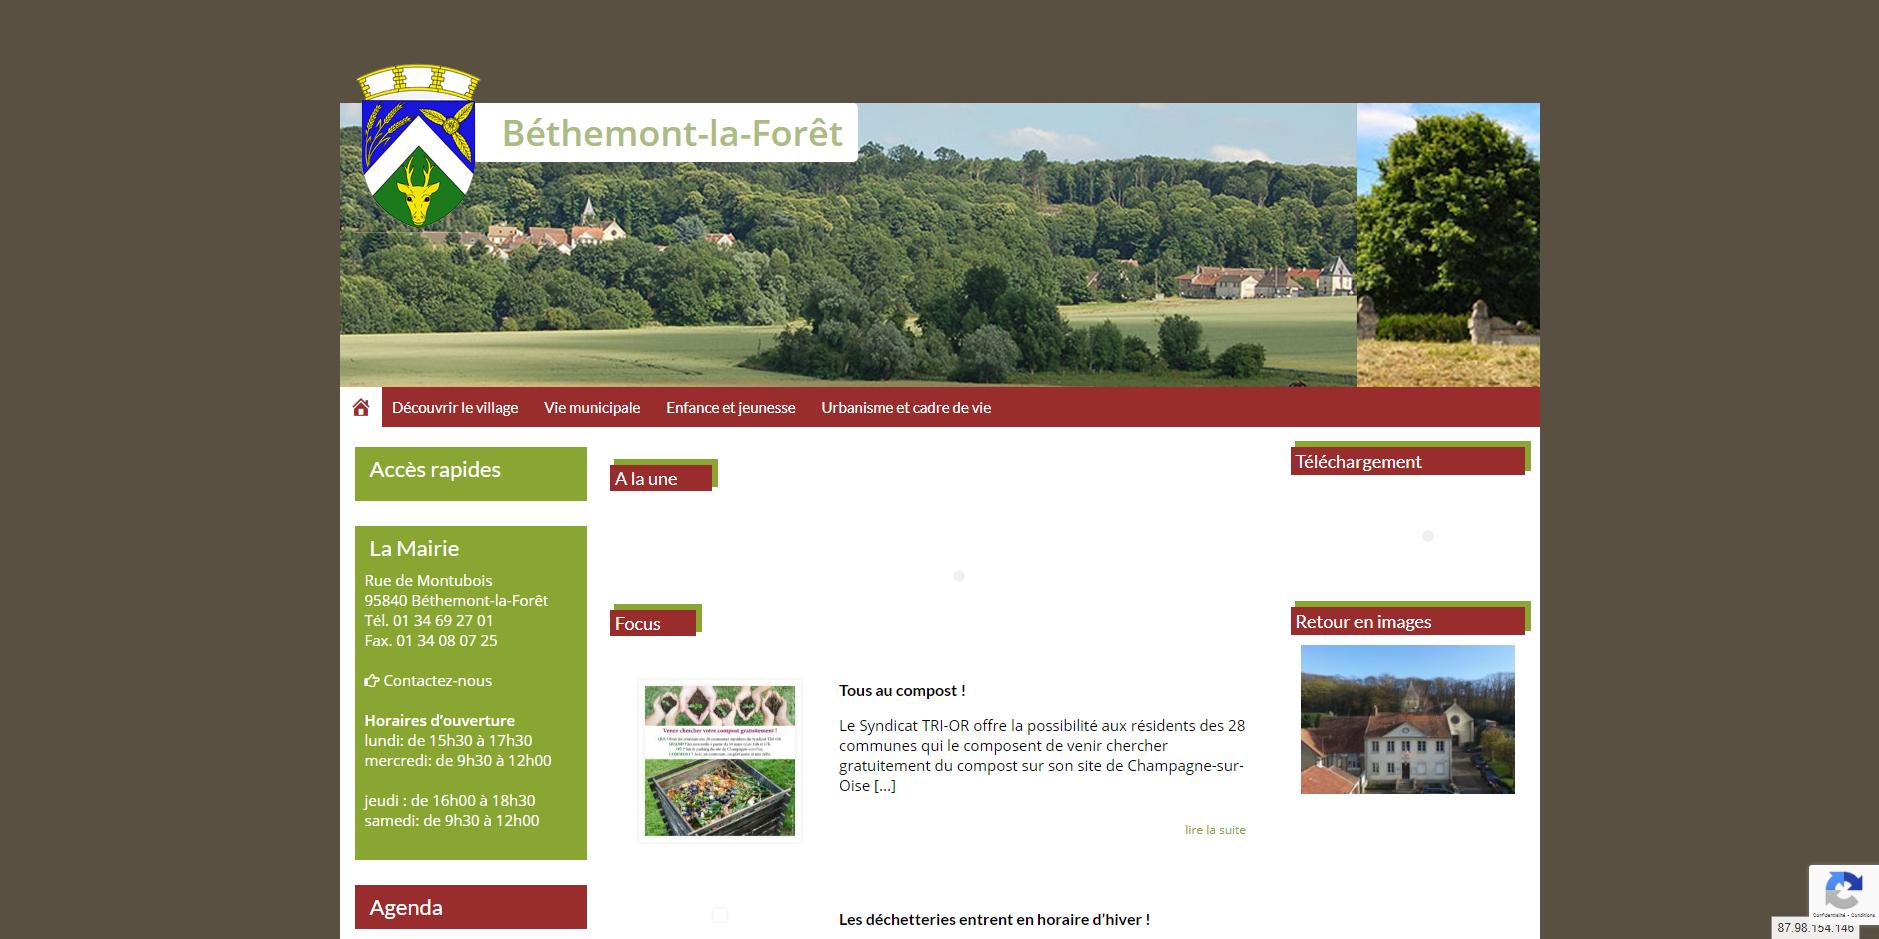 site de Bethemont-la-foret